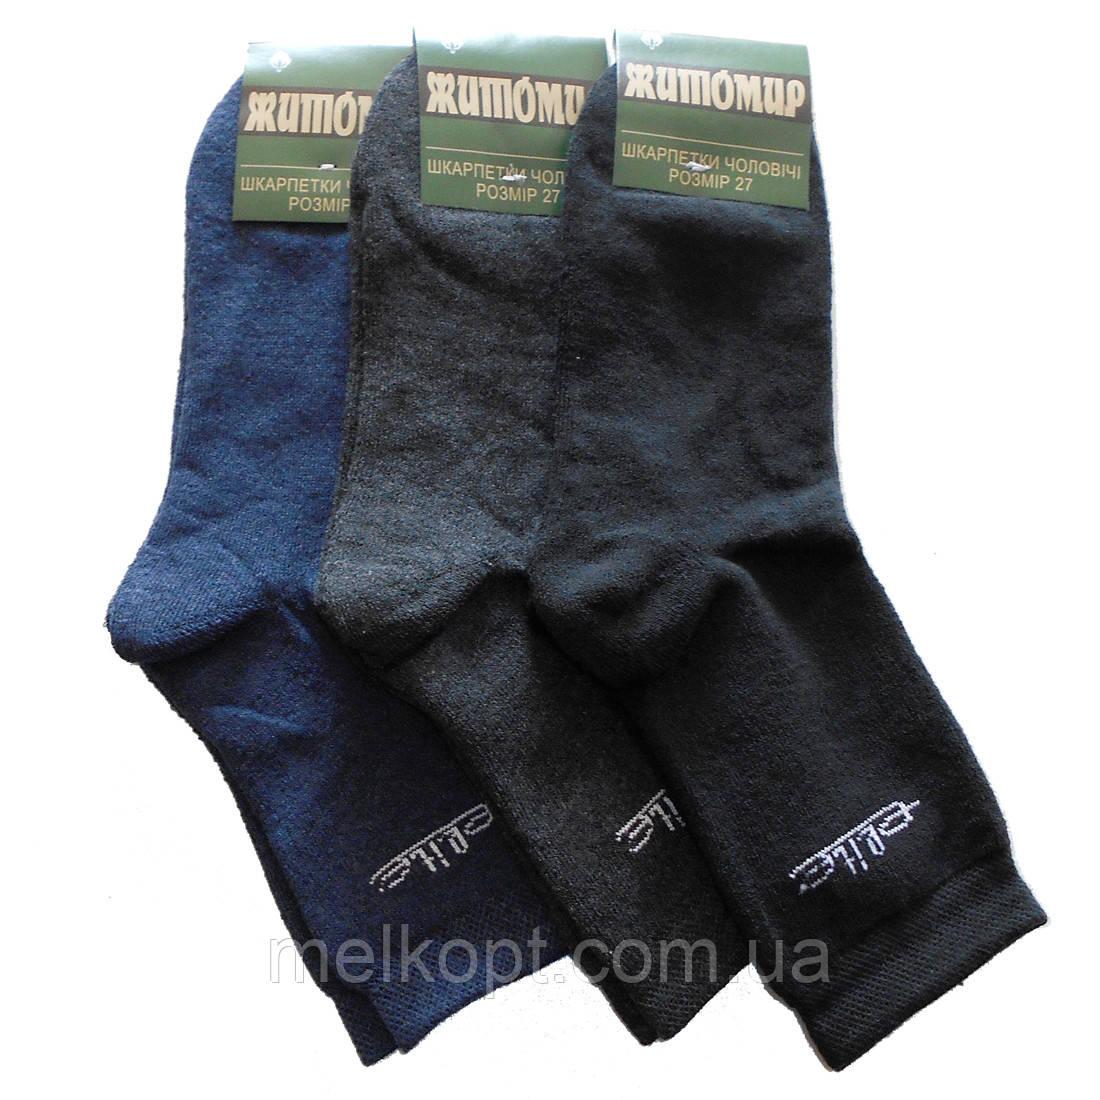 Мужские махровые носки Житомир - 11,50 грн./пара (Elite, ассорти)